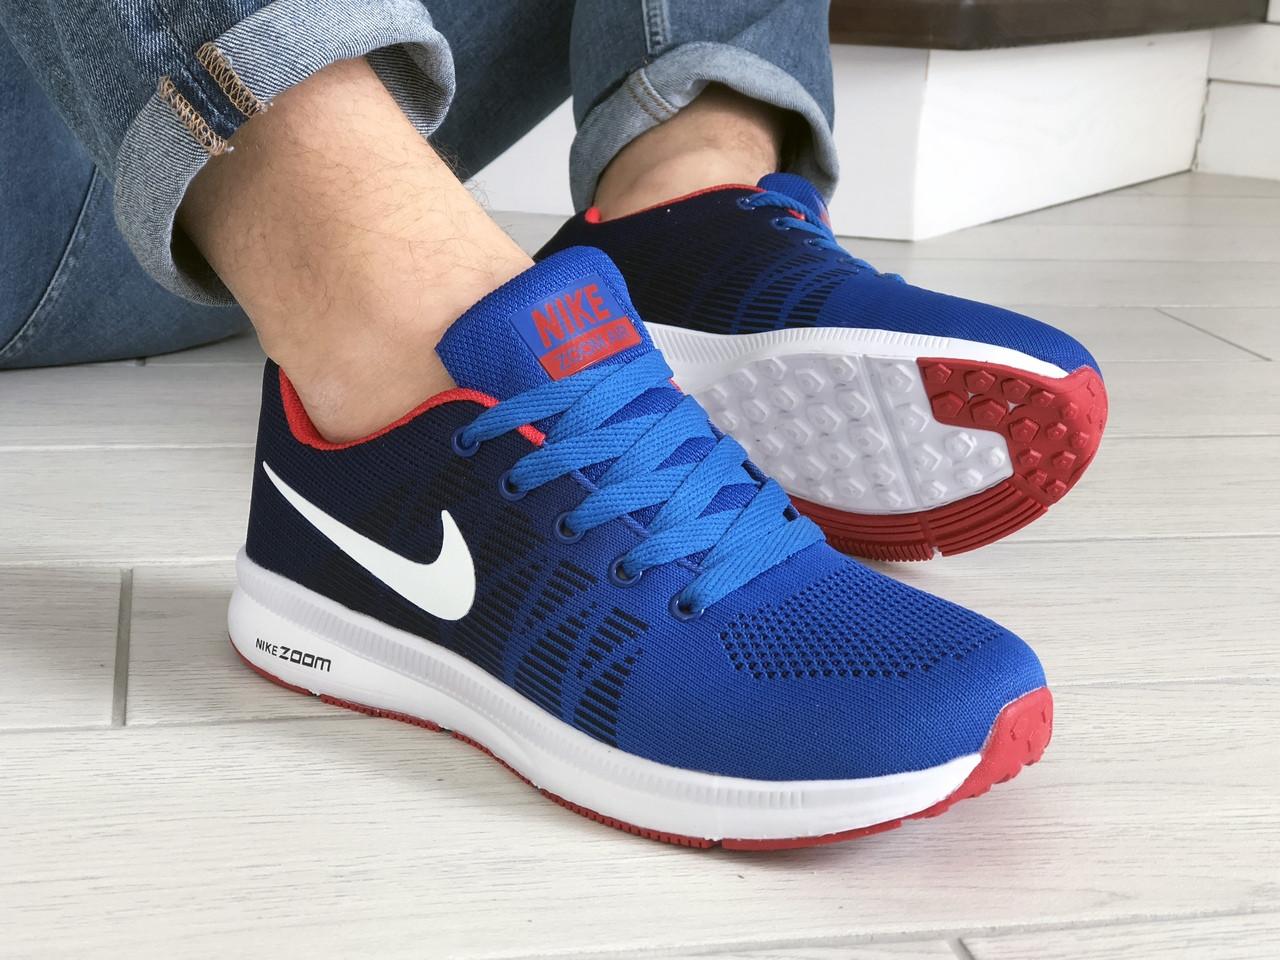 Чоловічі кросівки Nike ZOOM (синьо-білі) 9244